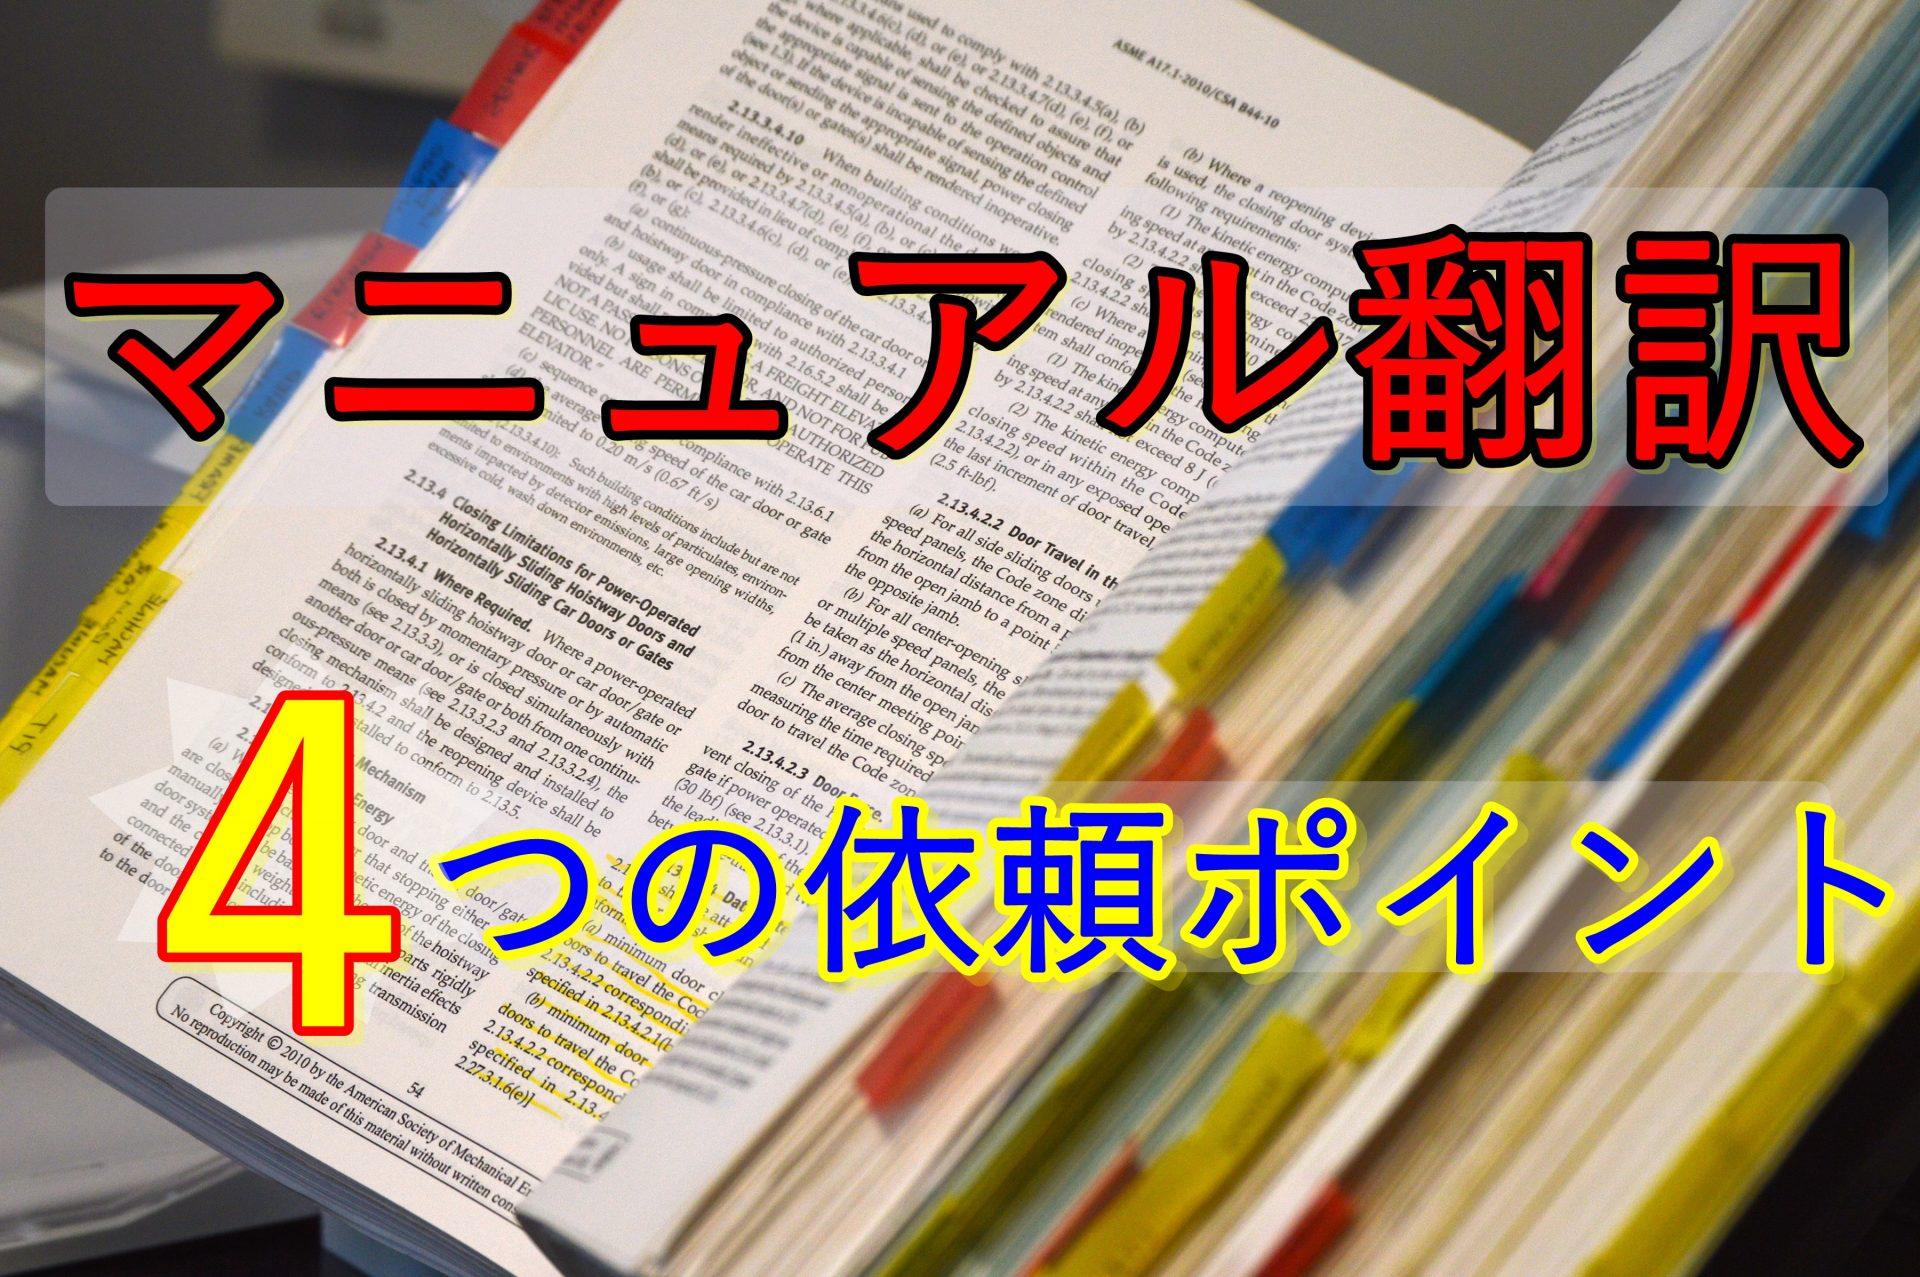 マニュアル翻訳を翻訳会社に依頼する際の4つのポイント